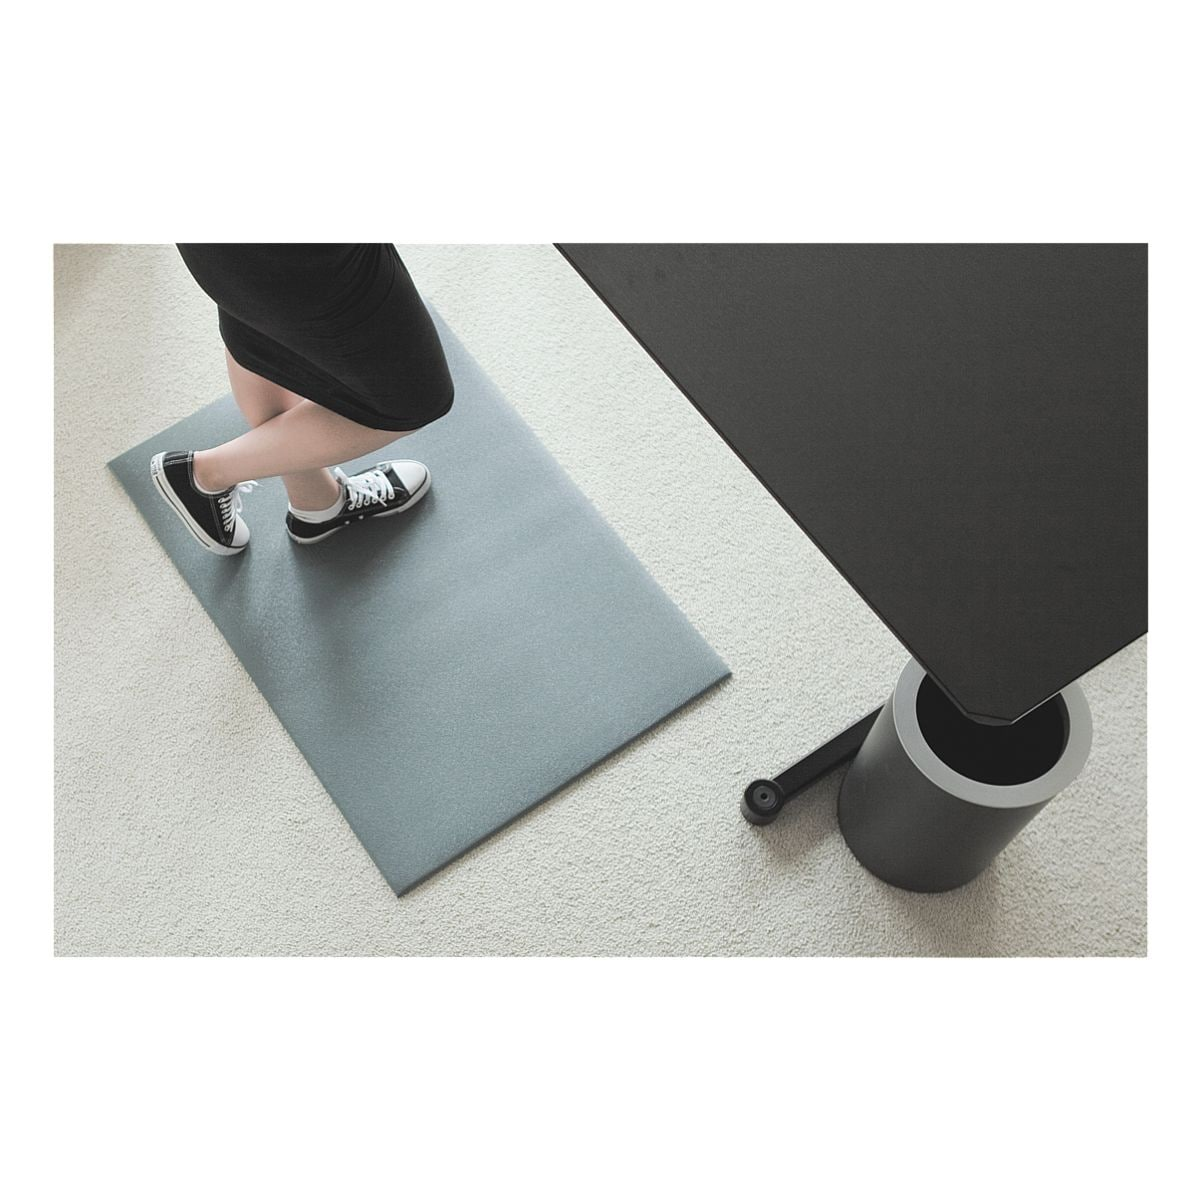 rs office products ergonomiematte ergosoft bei otto office g nstig kaufen. Black Bedroom Furniture Sets. Home Design Ideas